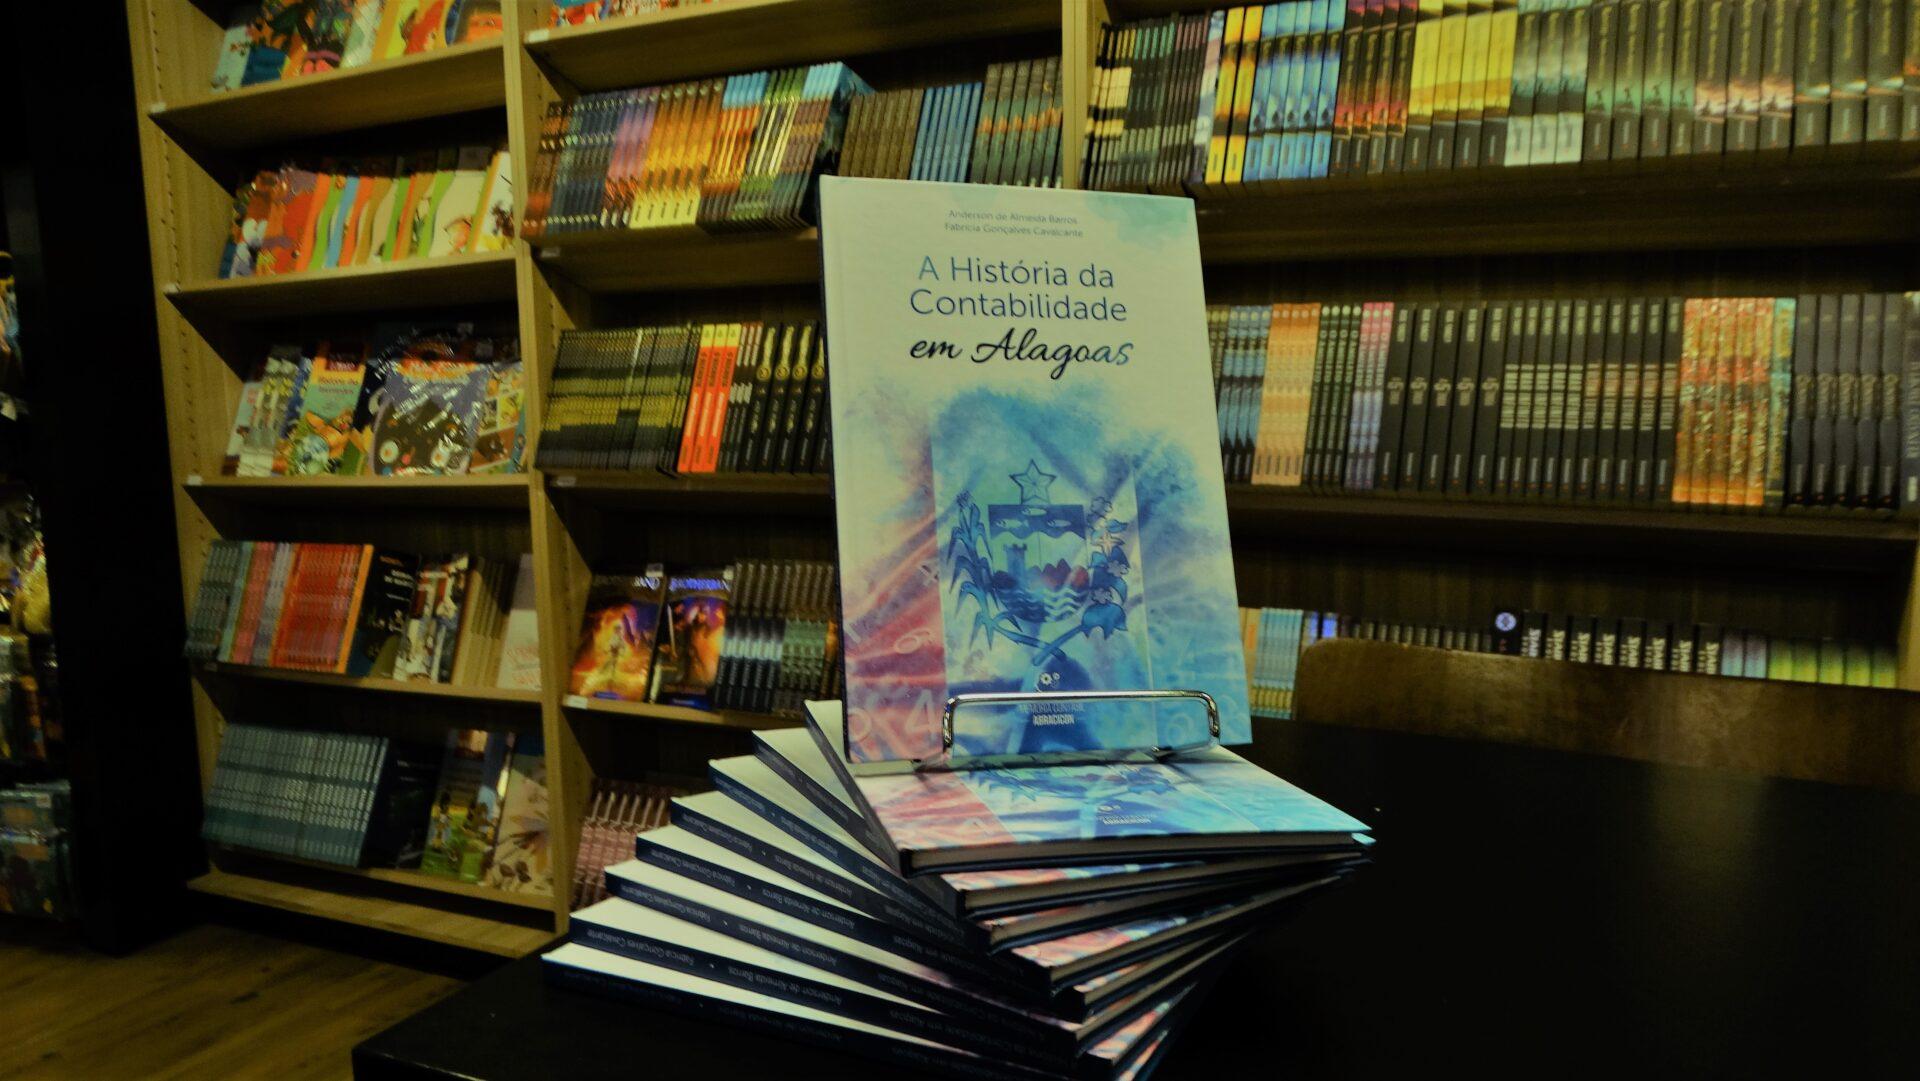 Retrospectiva 2018: lançamento do livro A História da Contabilidade em Alagoas contribui com a profissão no estado